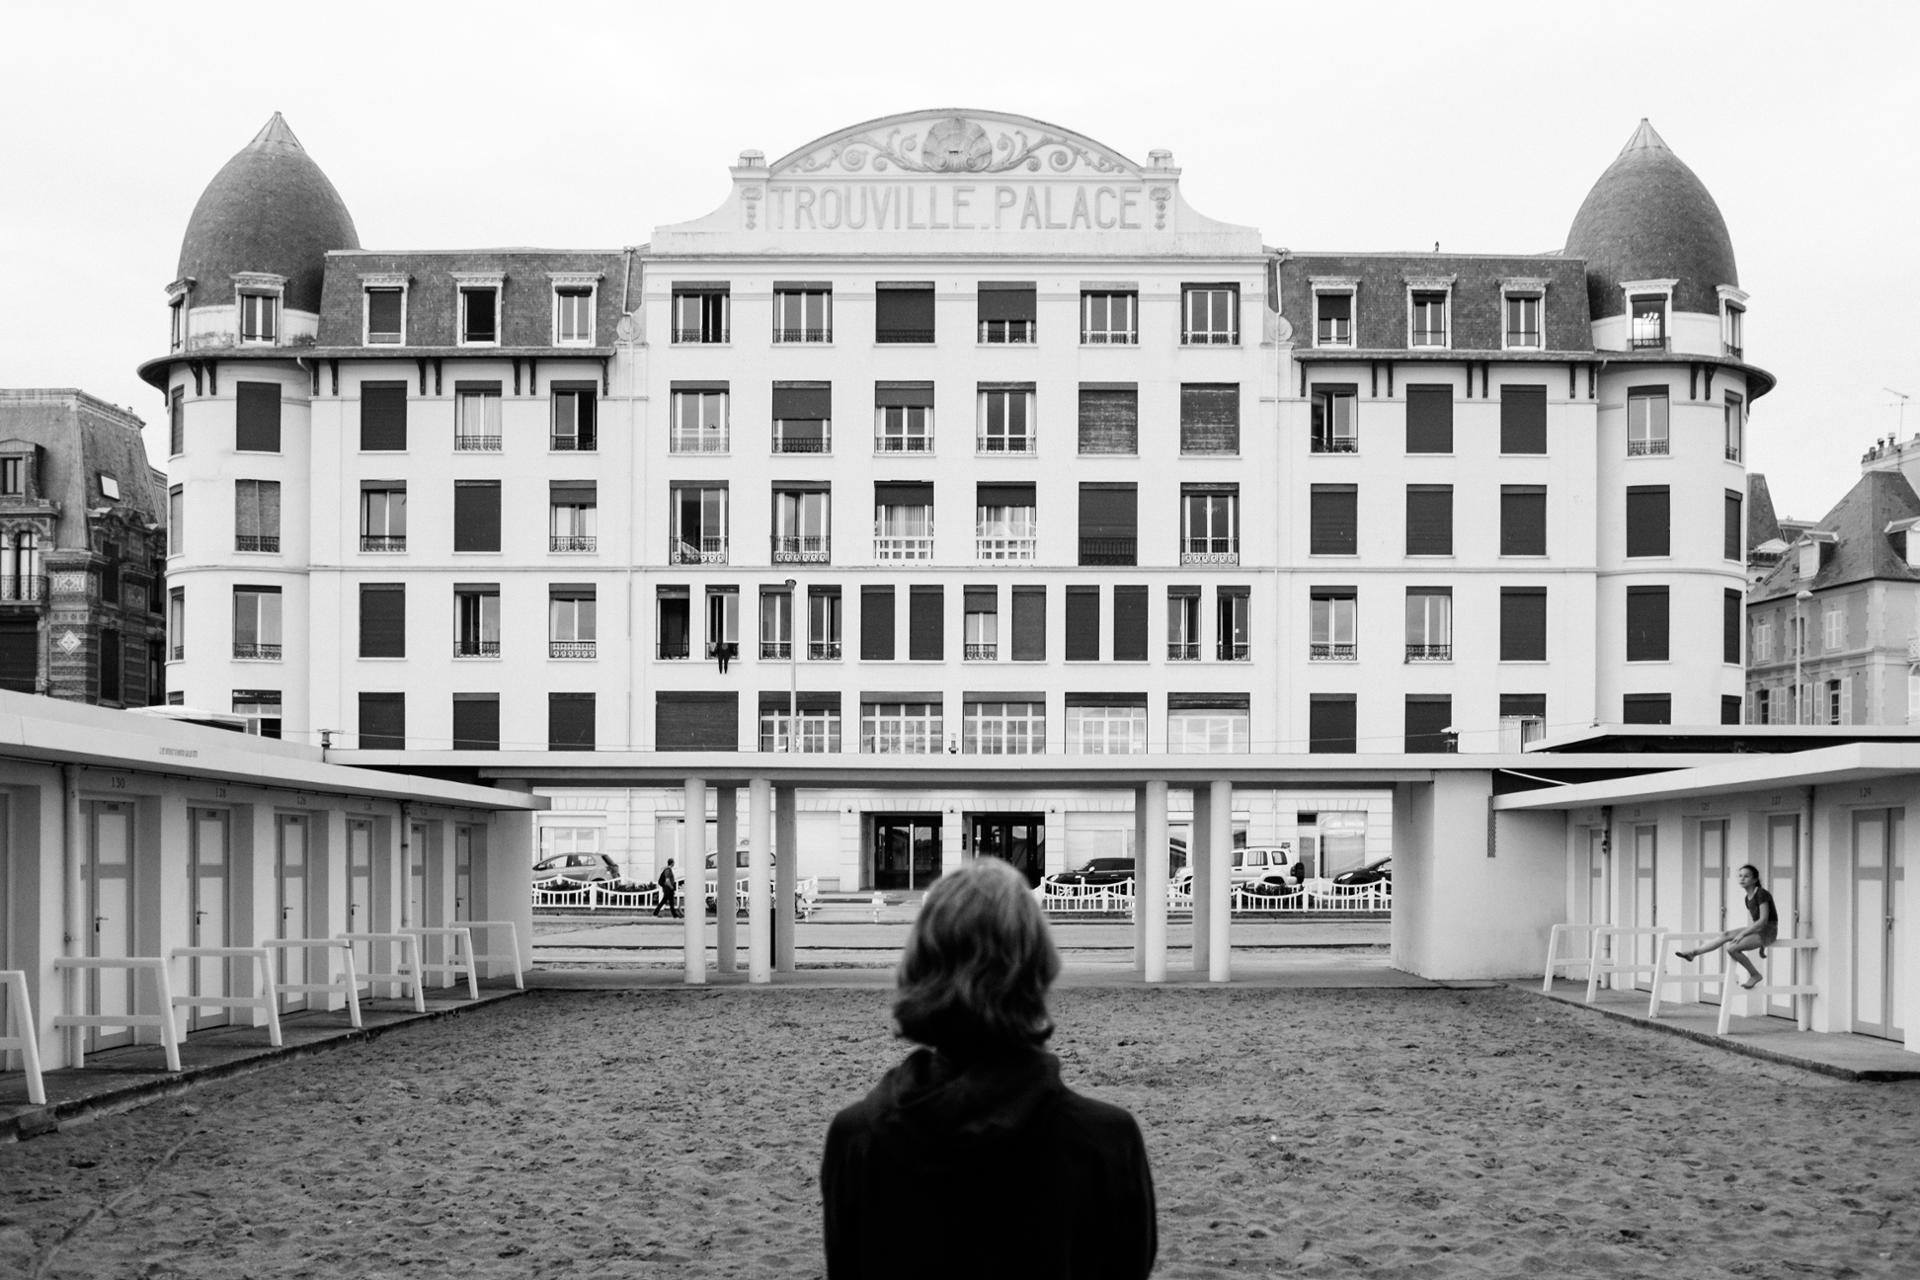 Au Trouville Palace